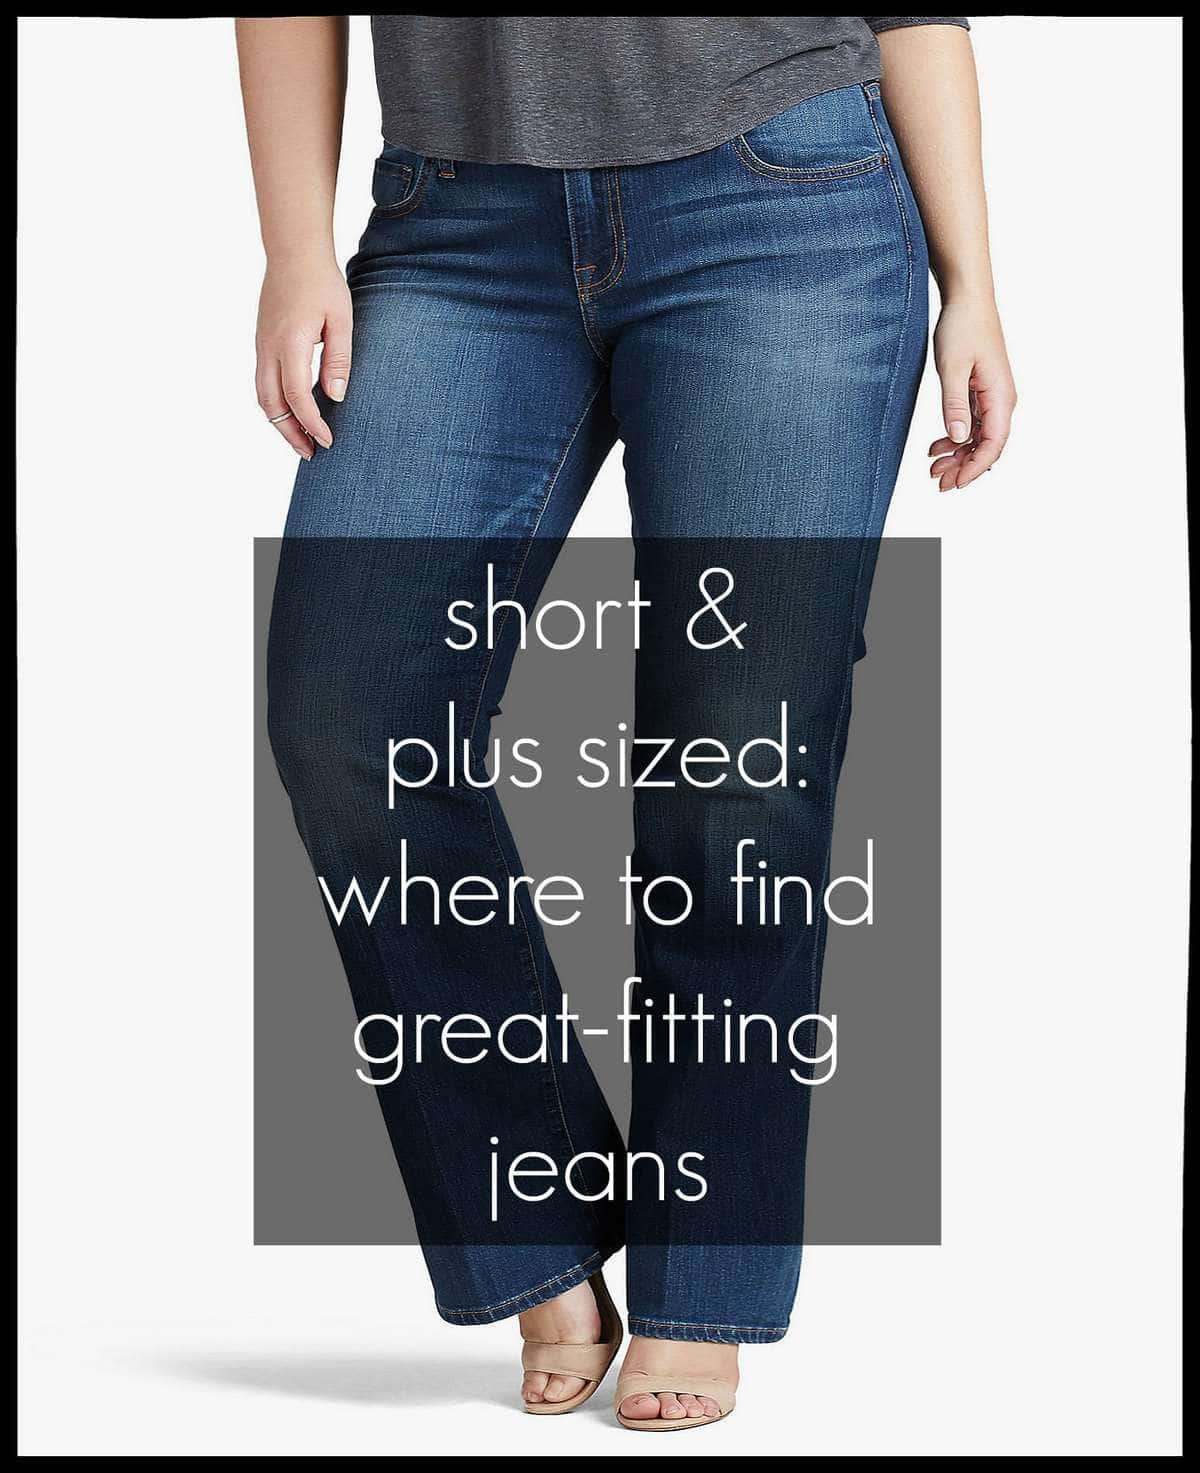 short plus size best jeans